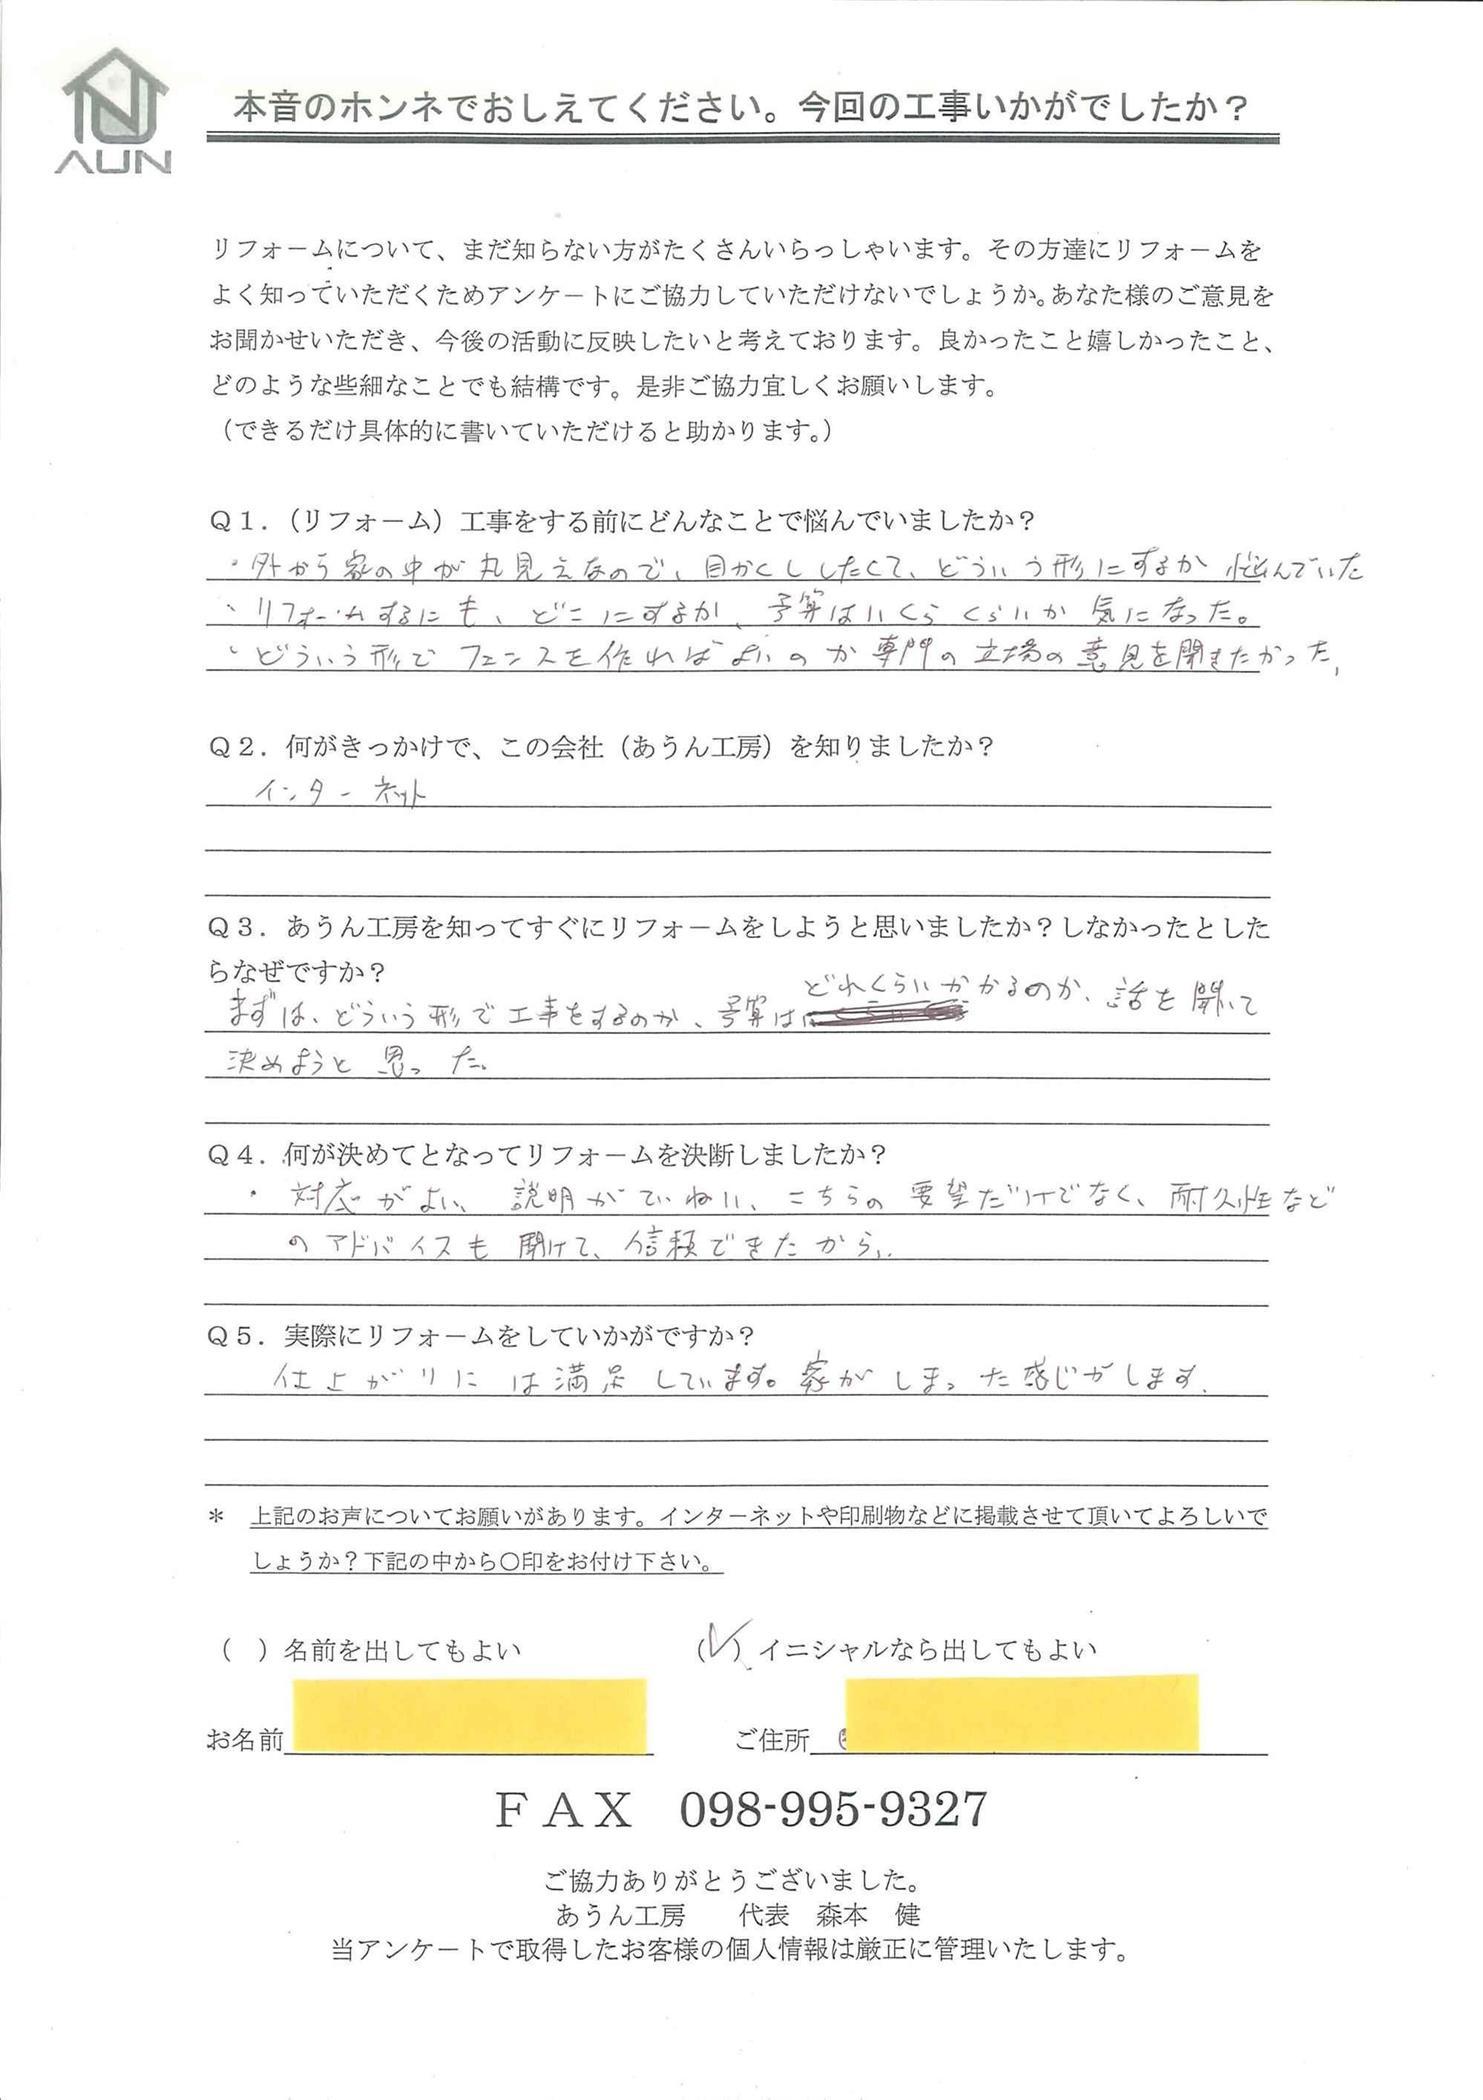 沖縄・那覇のリフォーム 実際のアンケートの画像:フェンス取付工事